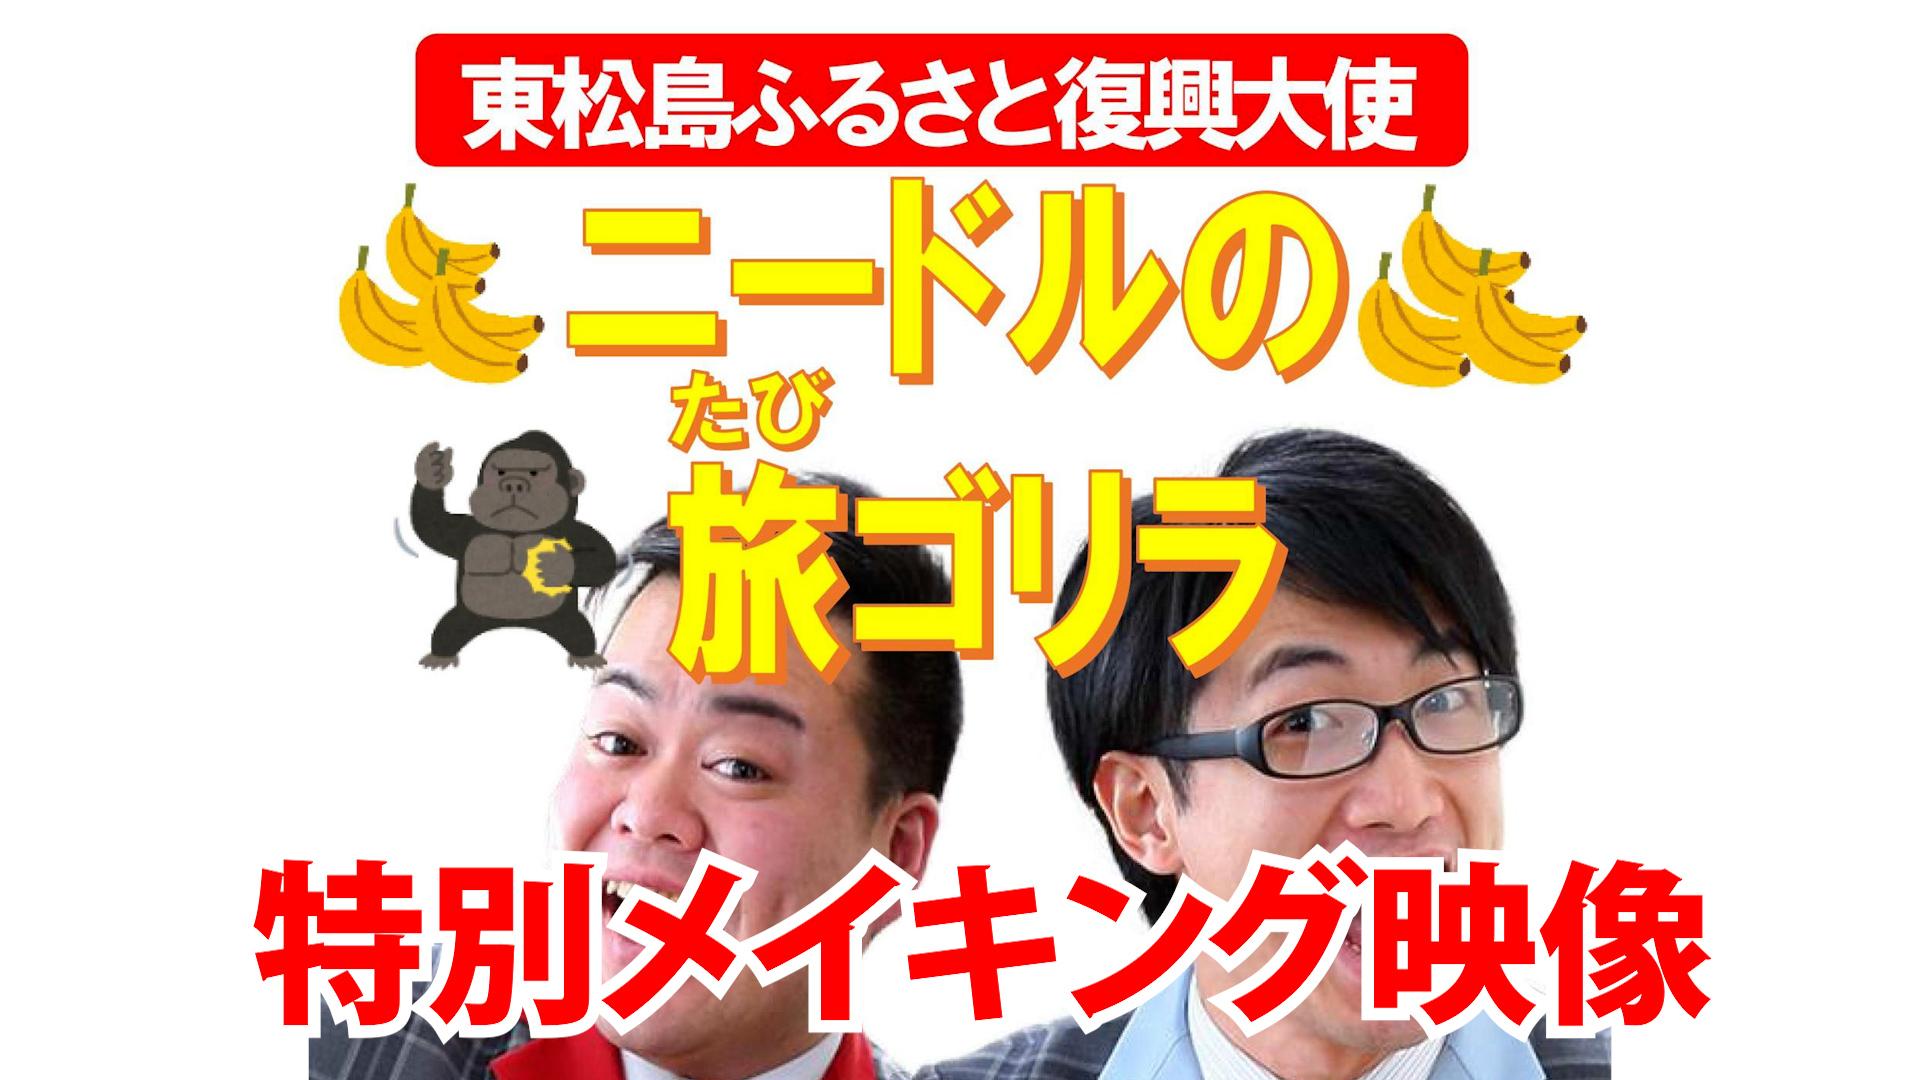 13514ニードルの旅ゴリラ 特別メイキング映像plan_item